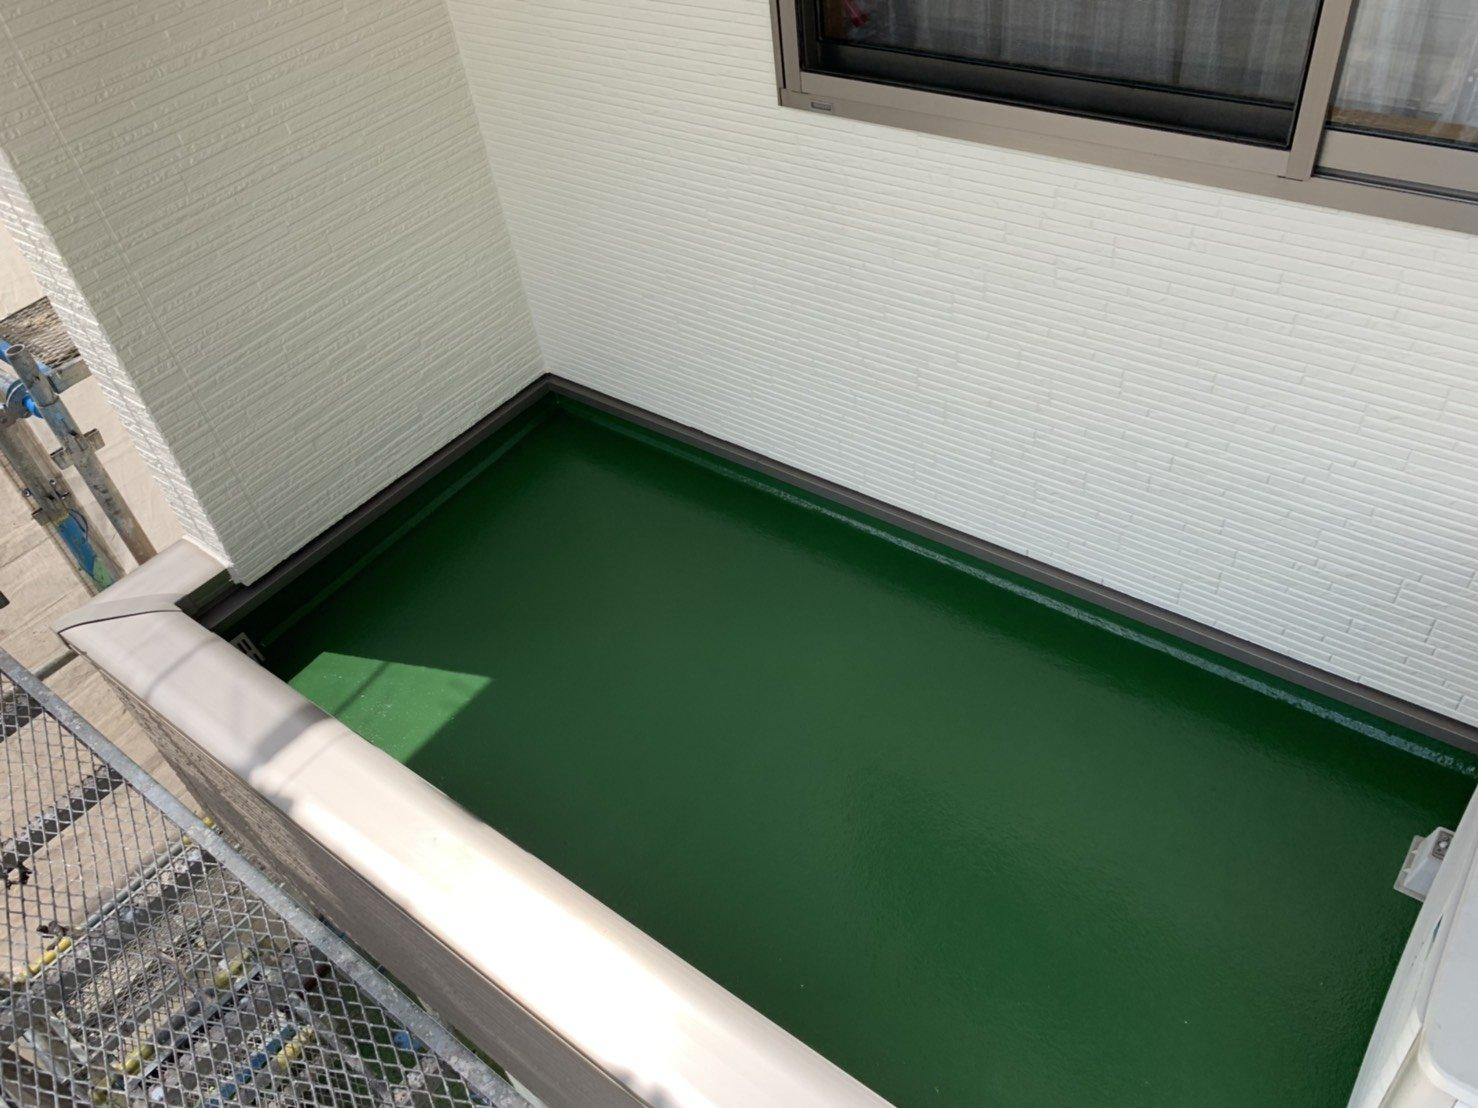 福岡県古賀市I様邸施工7日目付帯塗装修正清掃完了検査作業